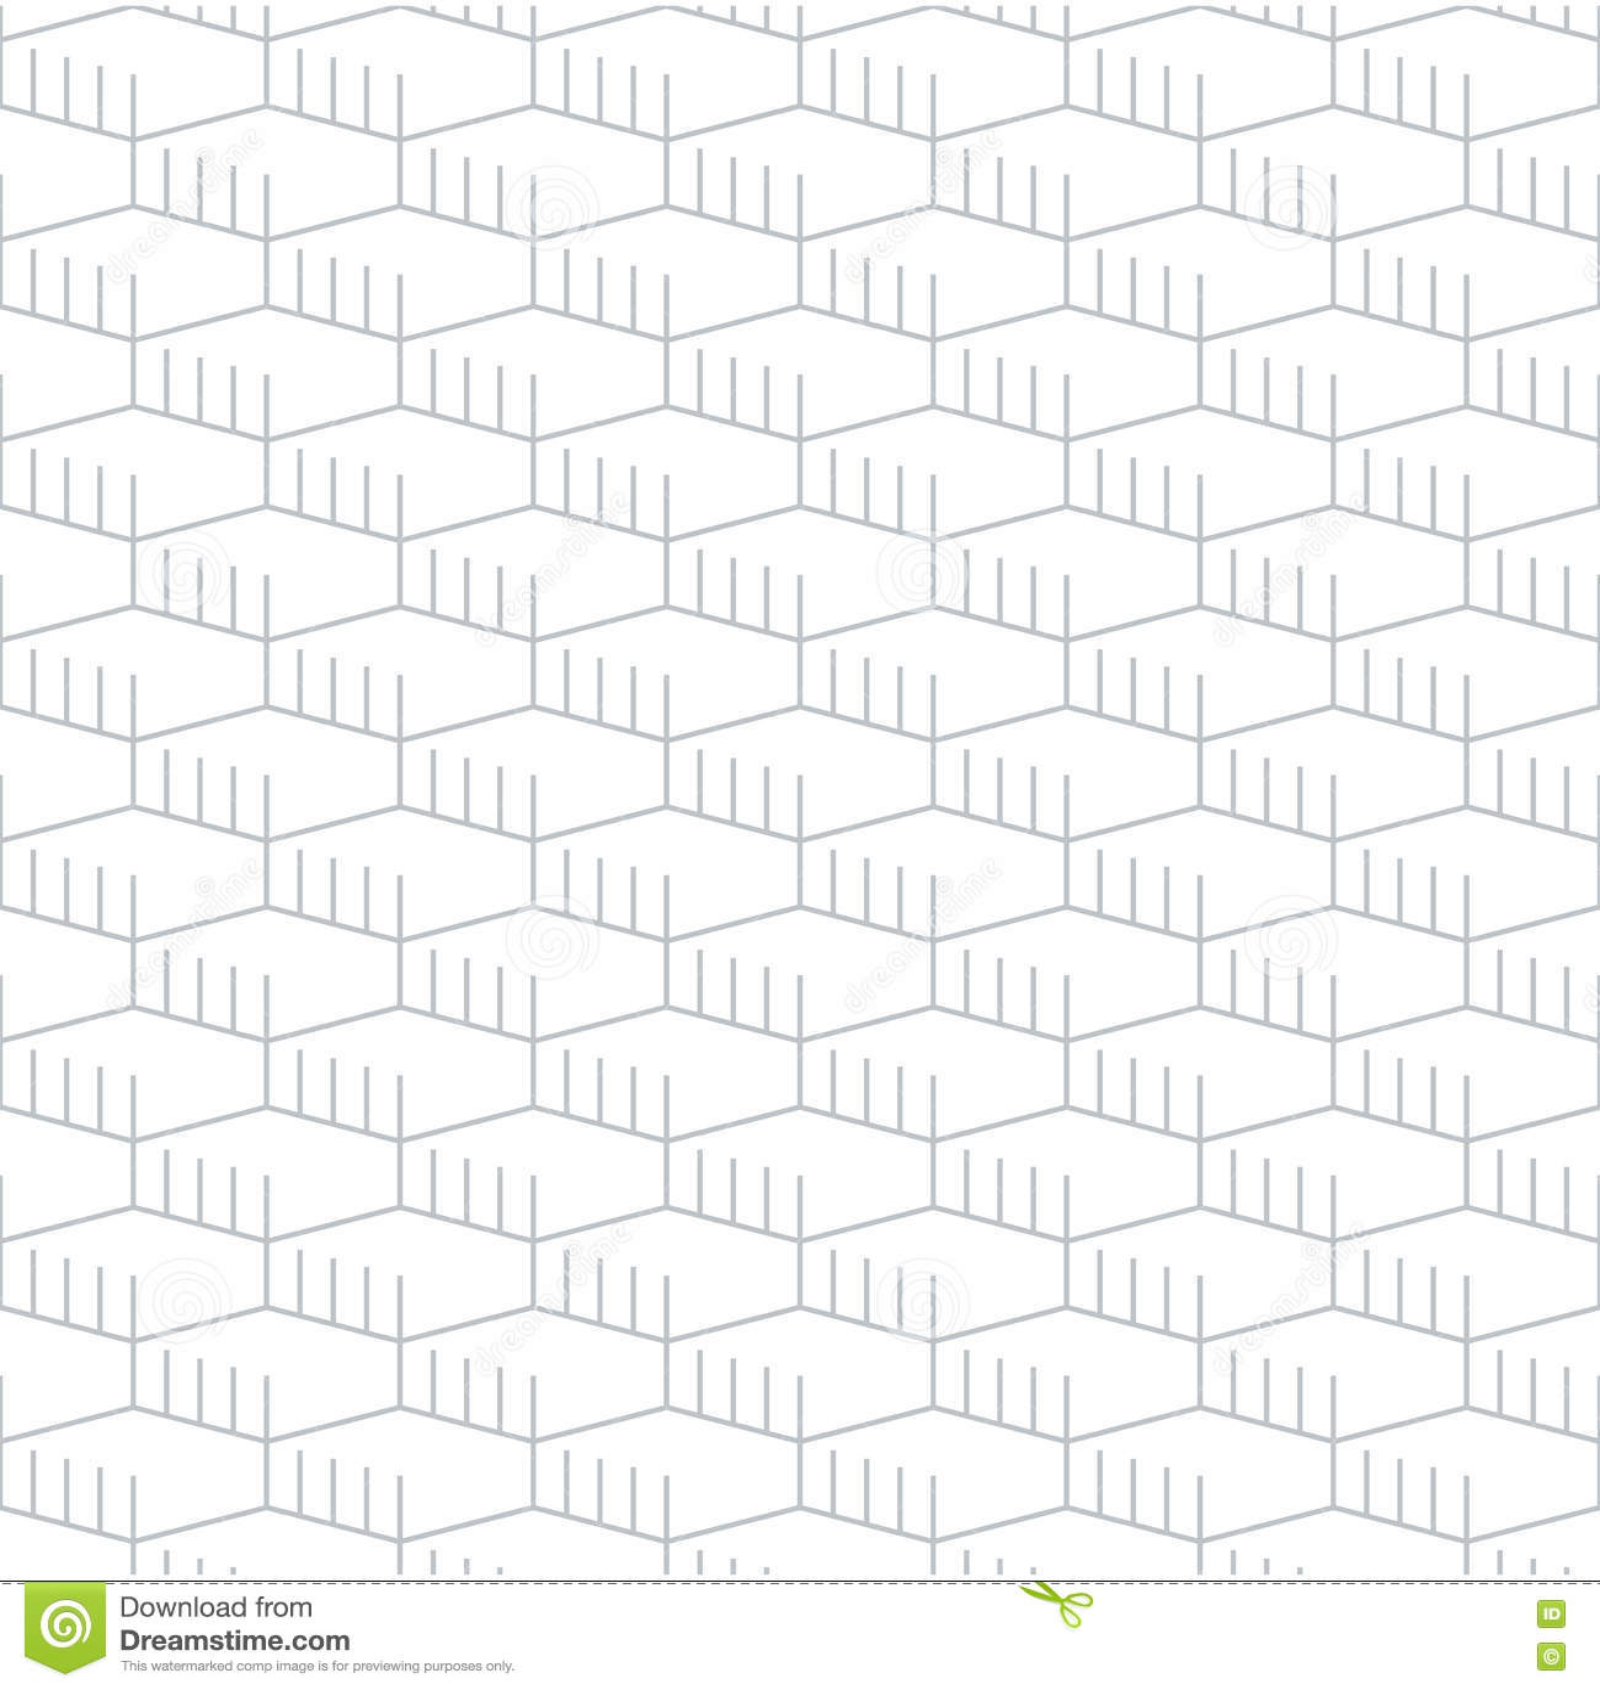 geometric seamless pattern and